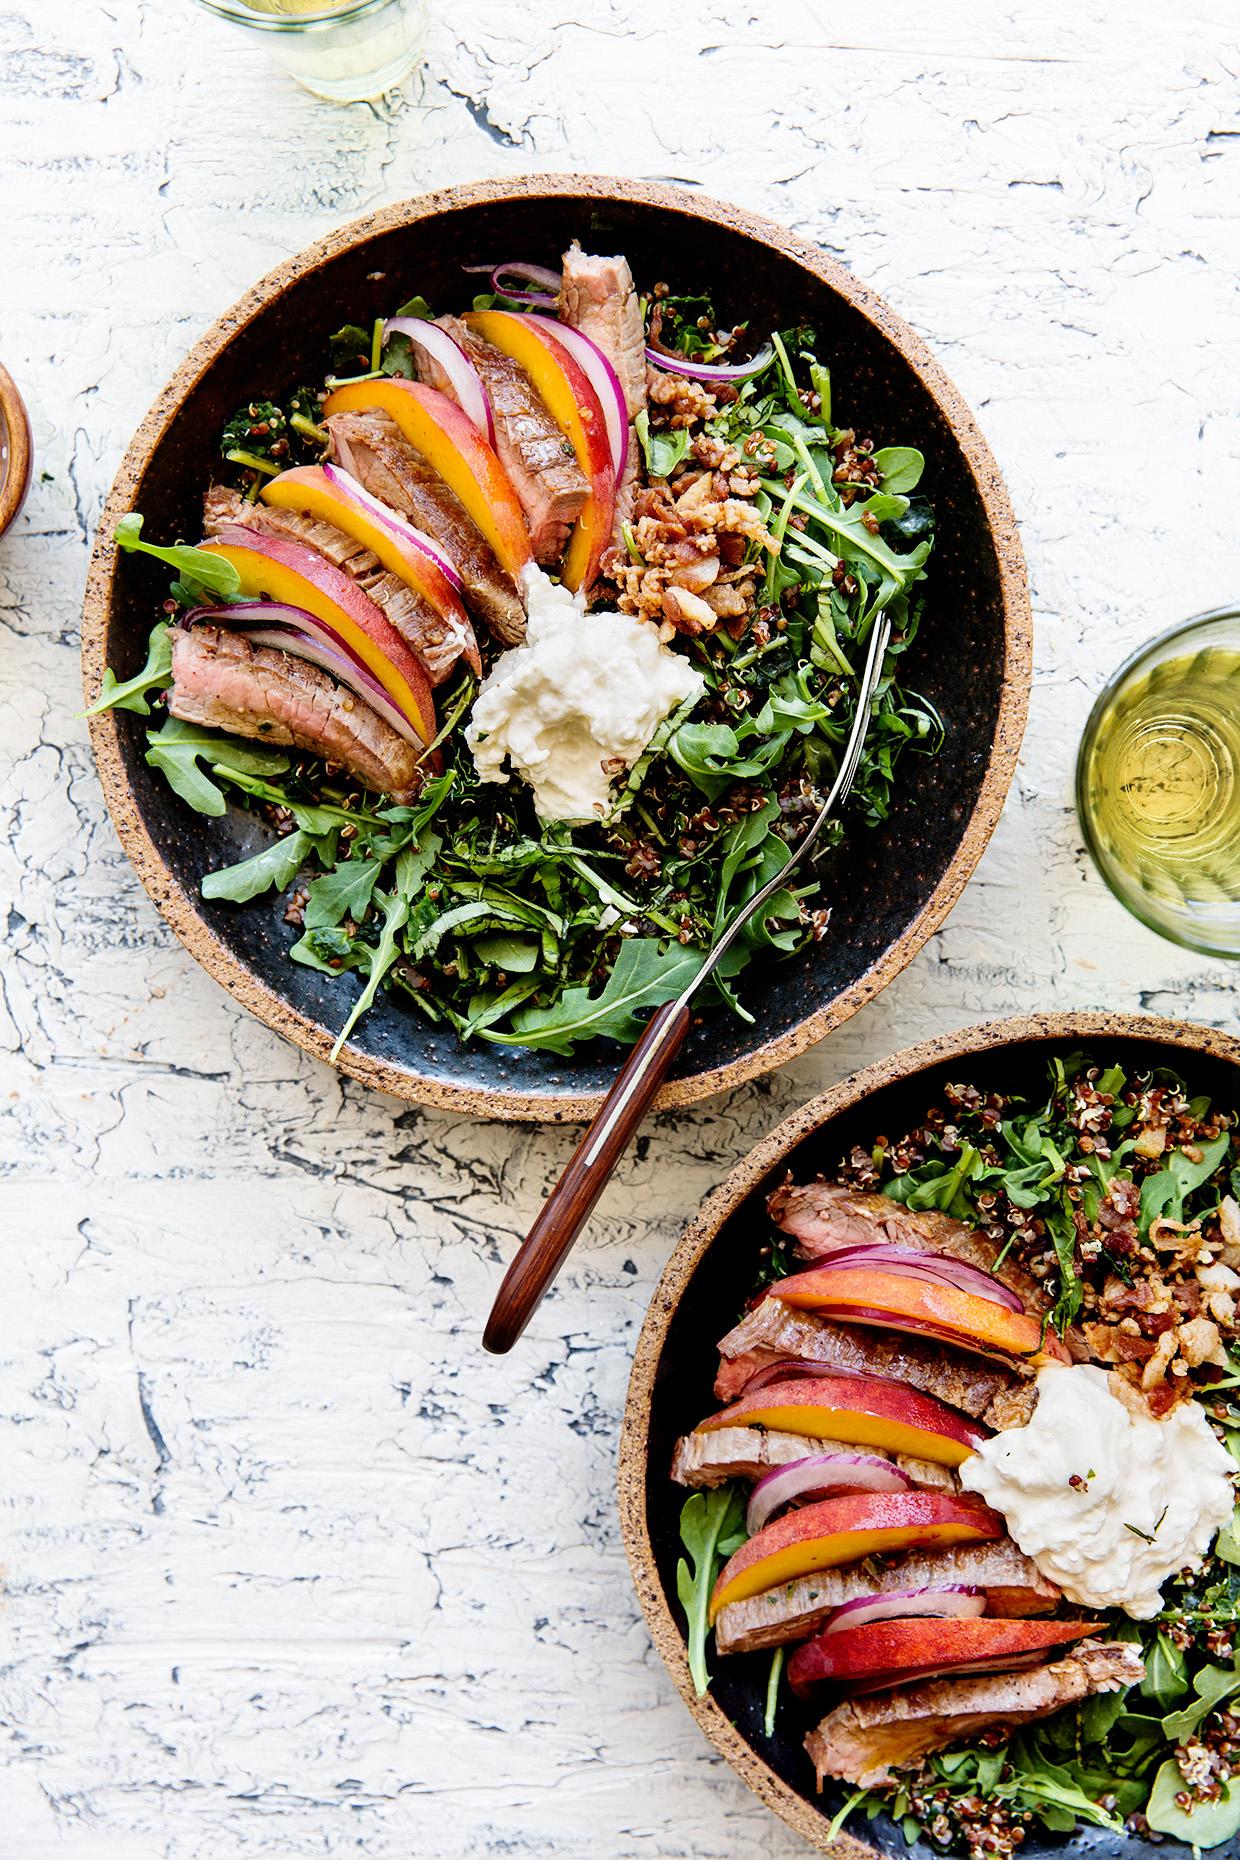 Ulitmate Salad Bowl   Real Food by Dad